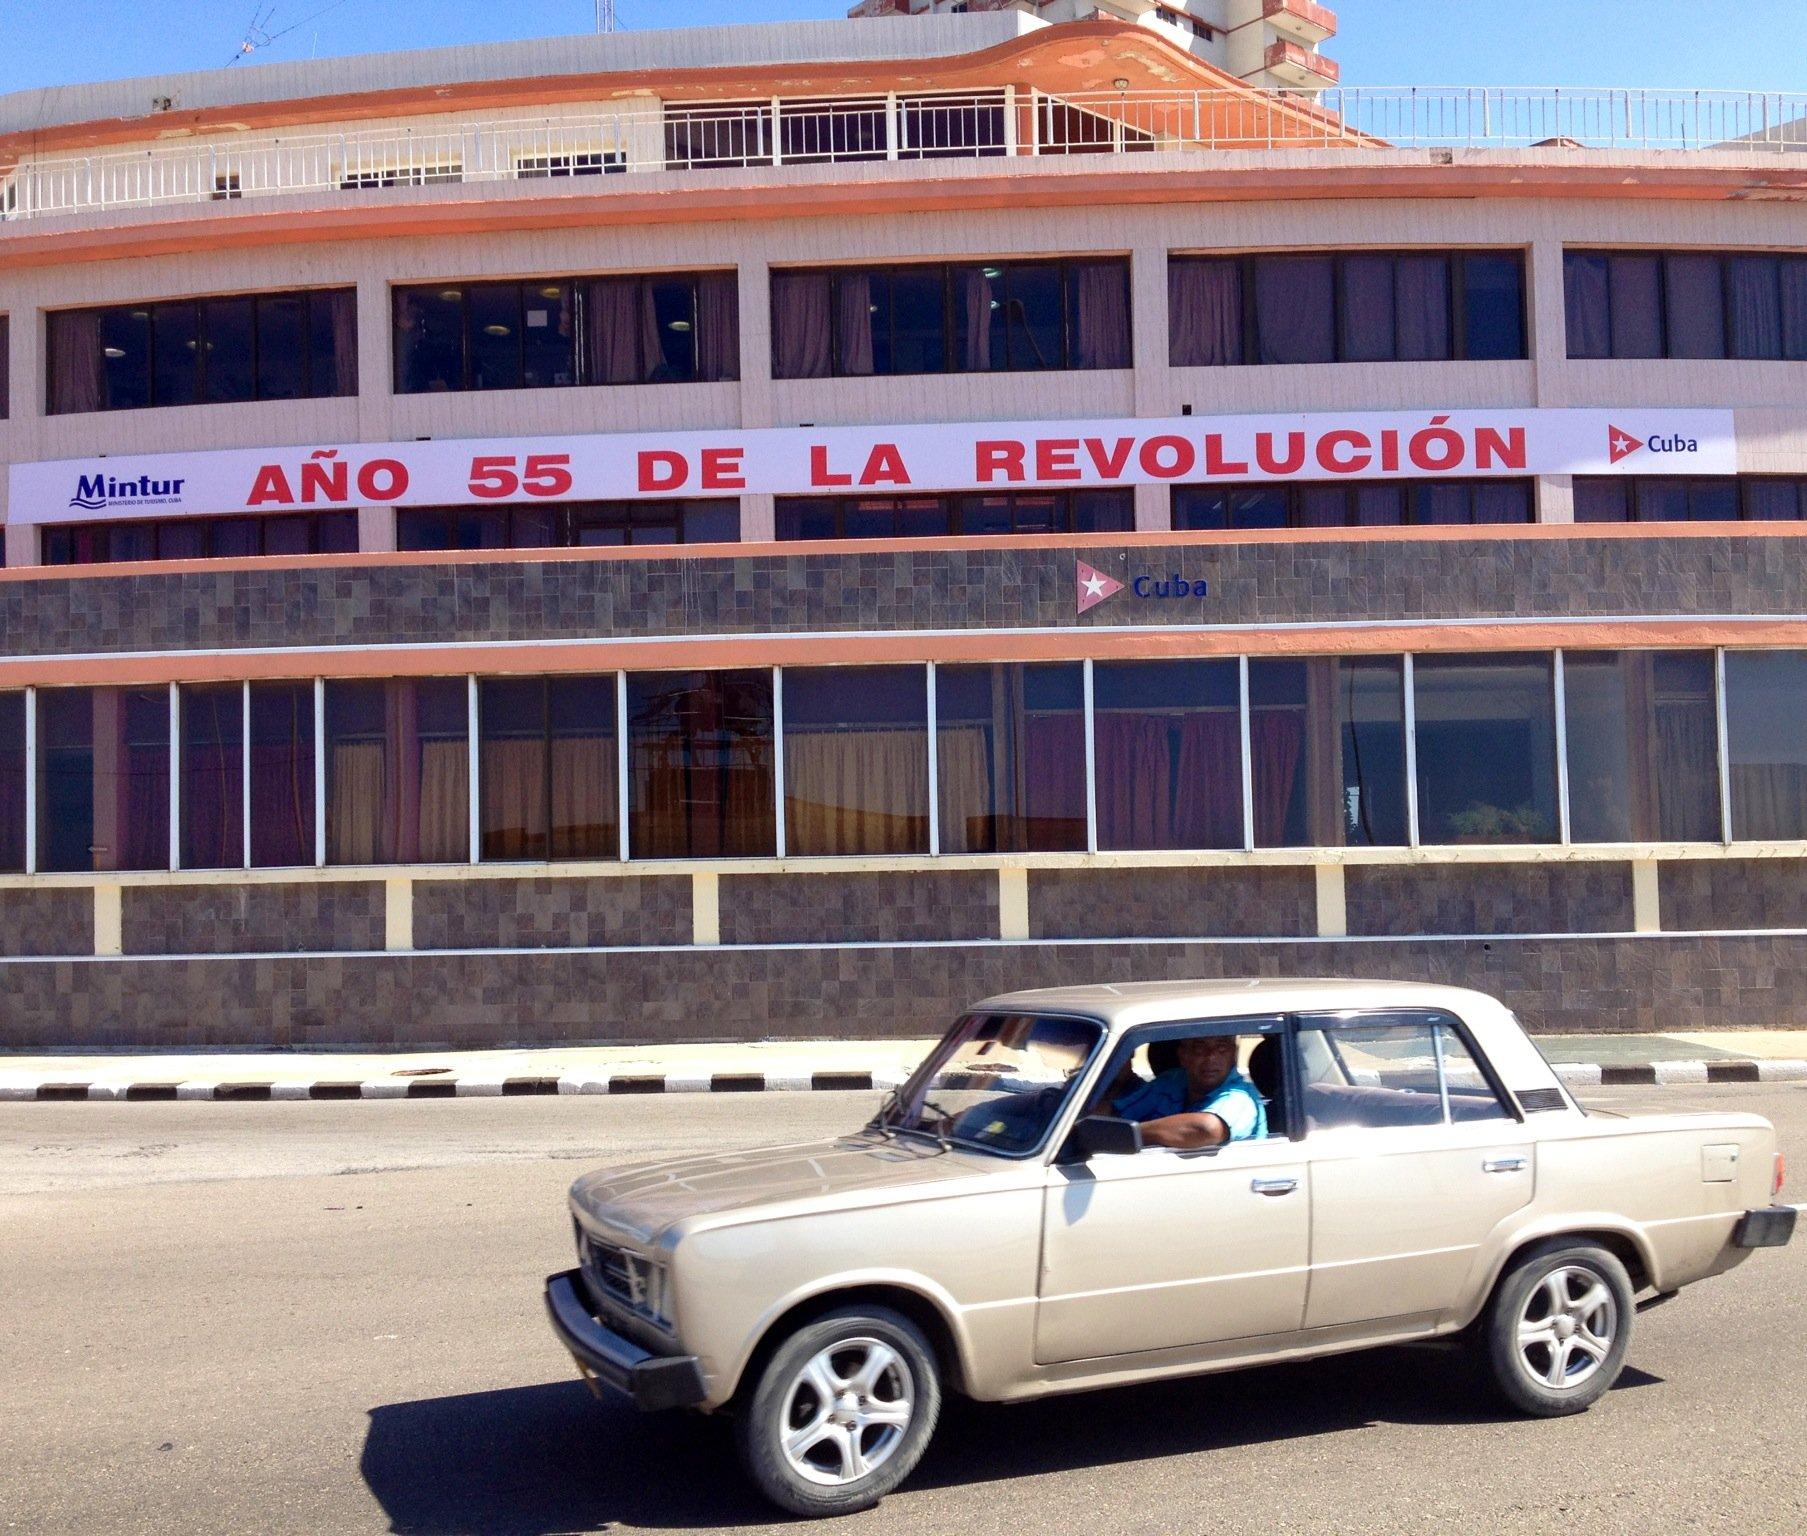 Carros antigos em Cuba